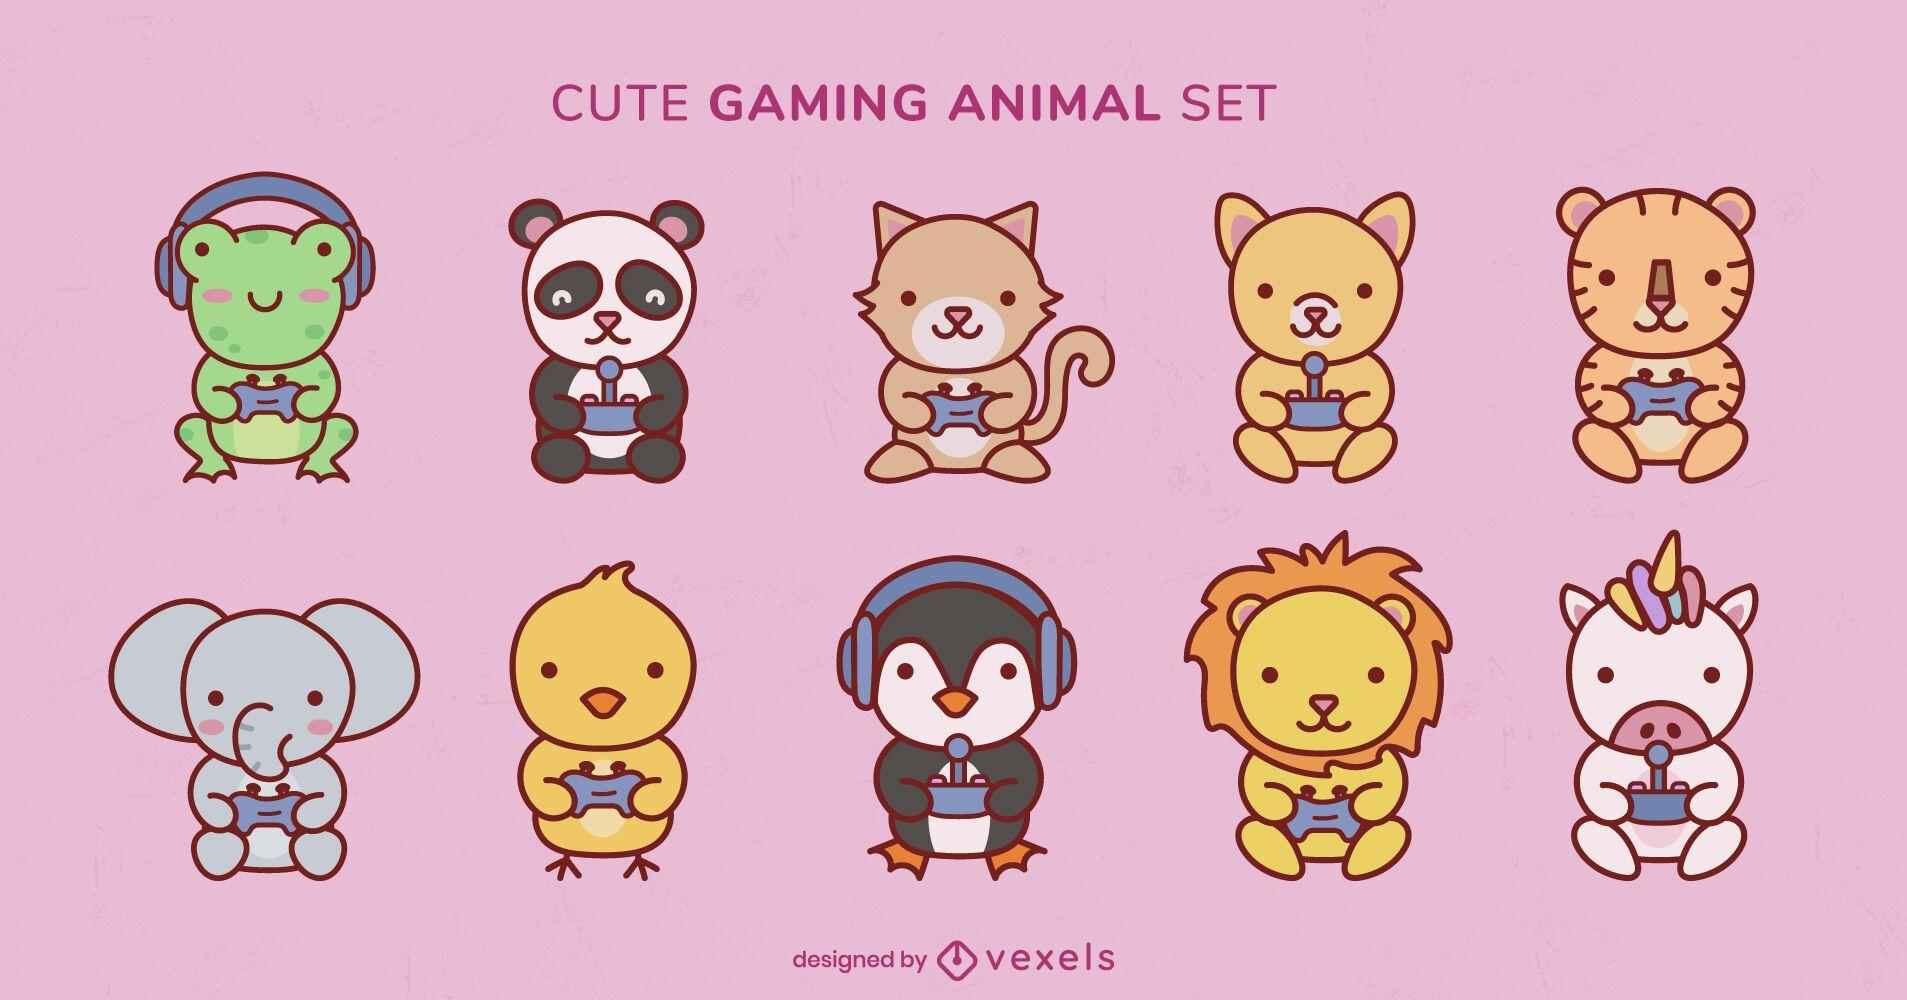 Lindo juego de joystick para juegos de animales salvajes